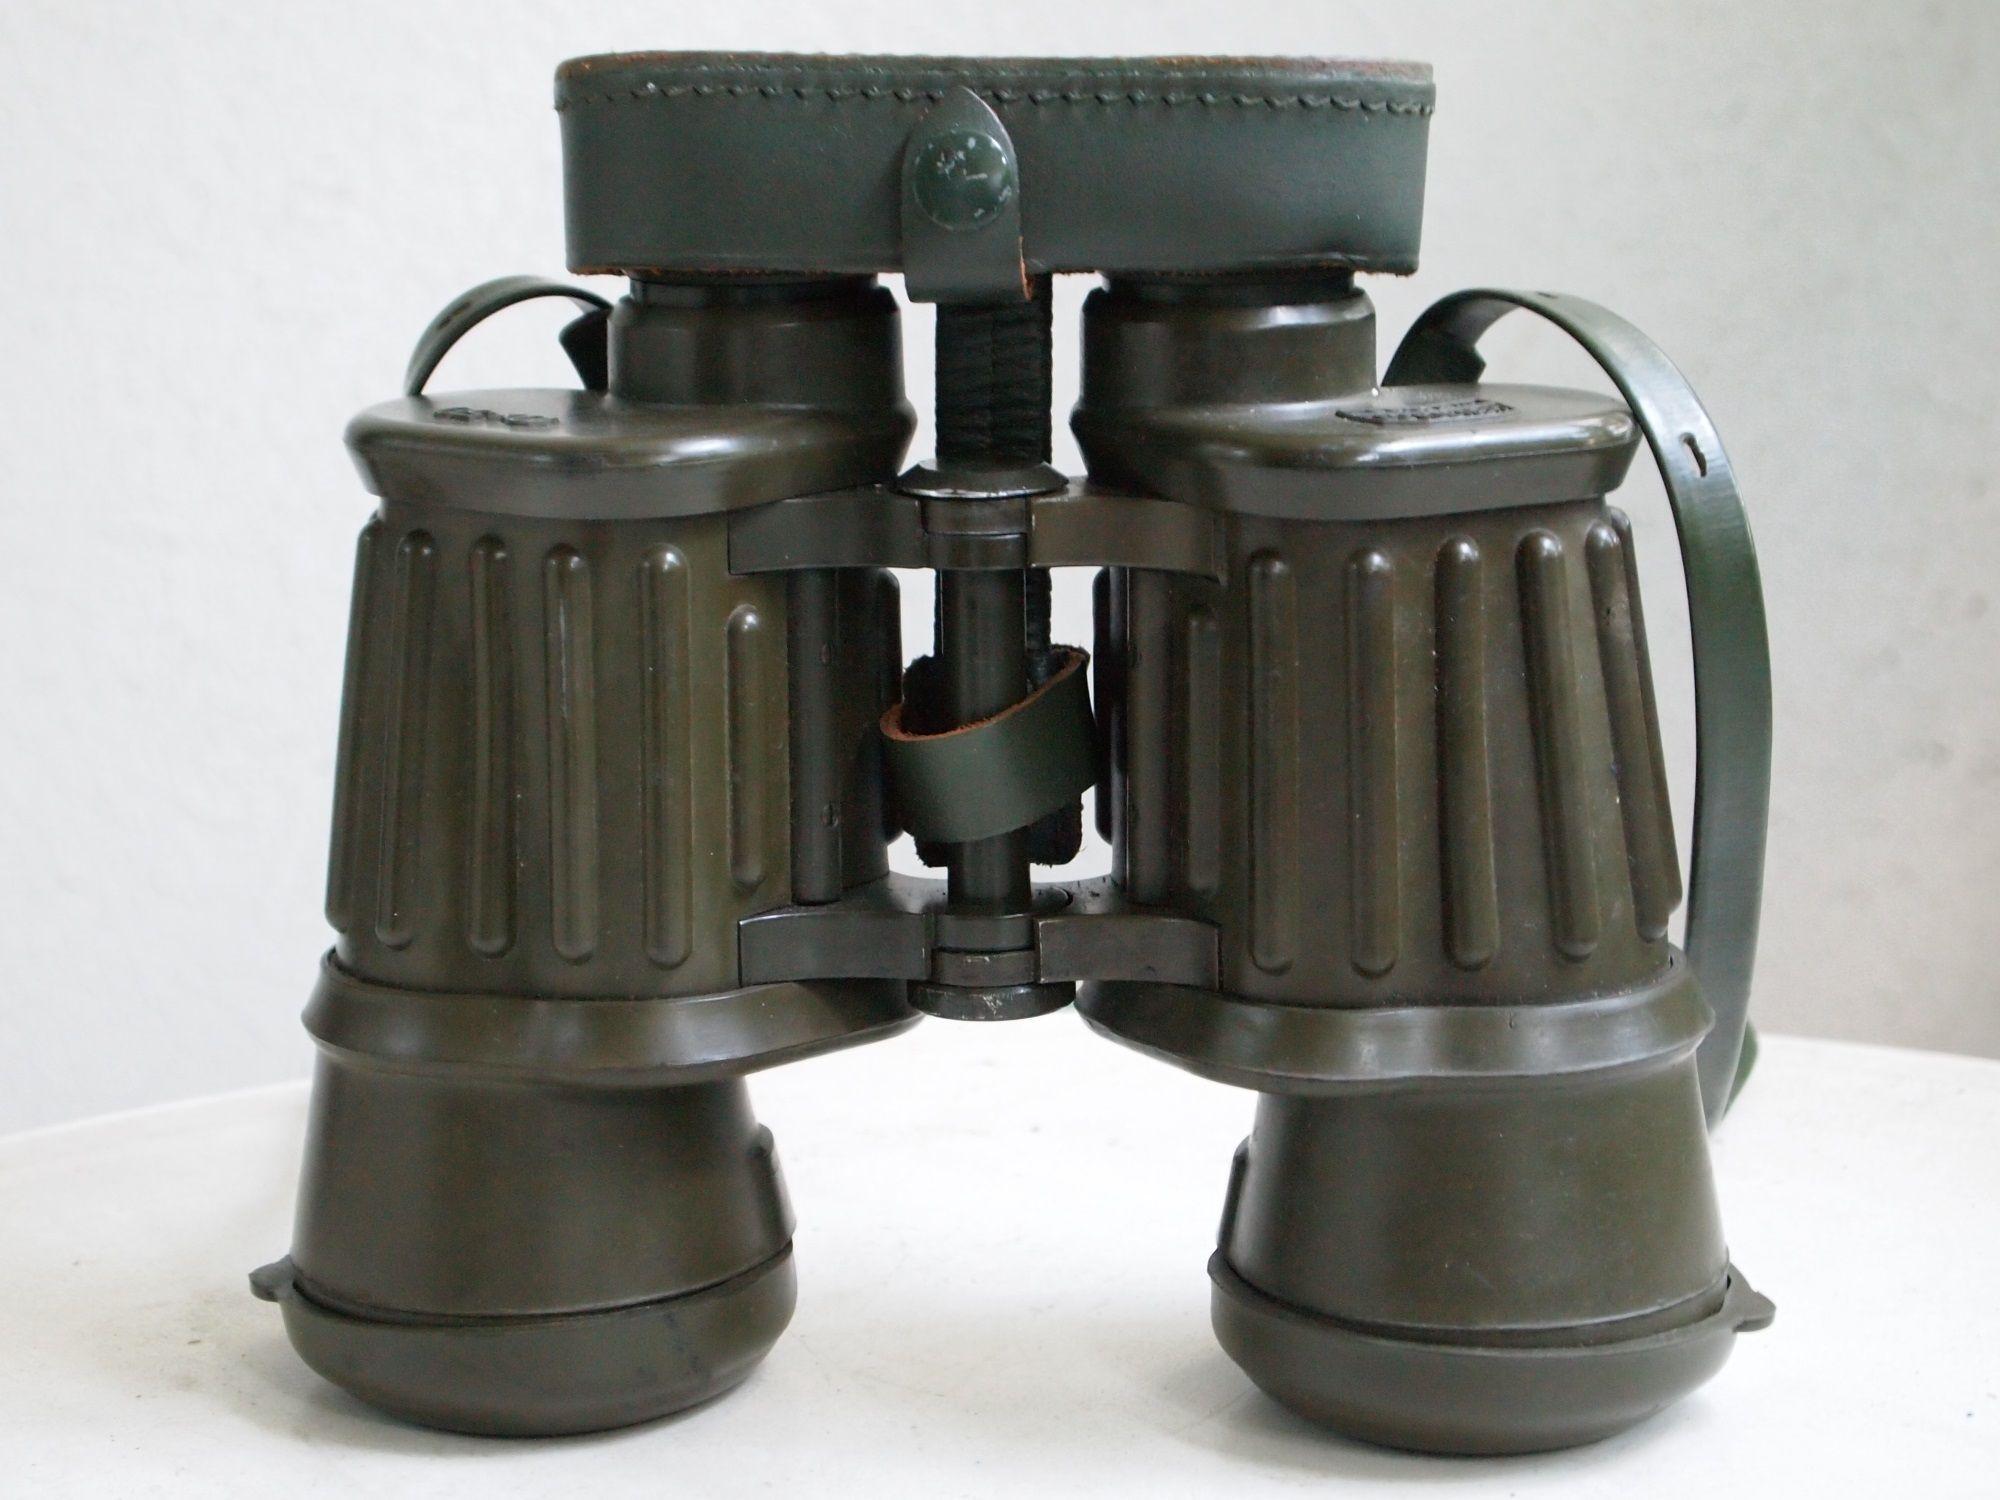 Rarität hensoldt zeiss 10x50 bundeswehrfernglas in neuem zustand